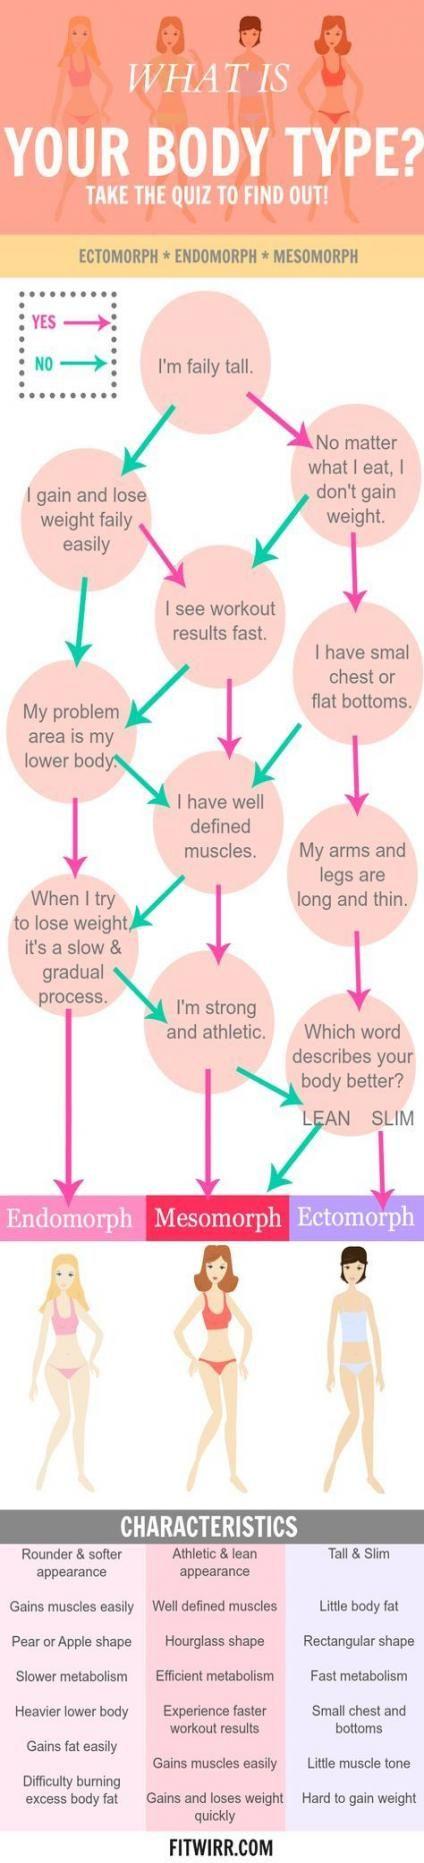 33 Trendy fitness motivation female tips #motivation #fitness